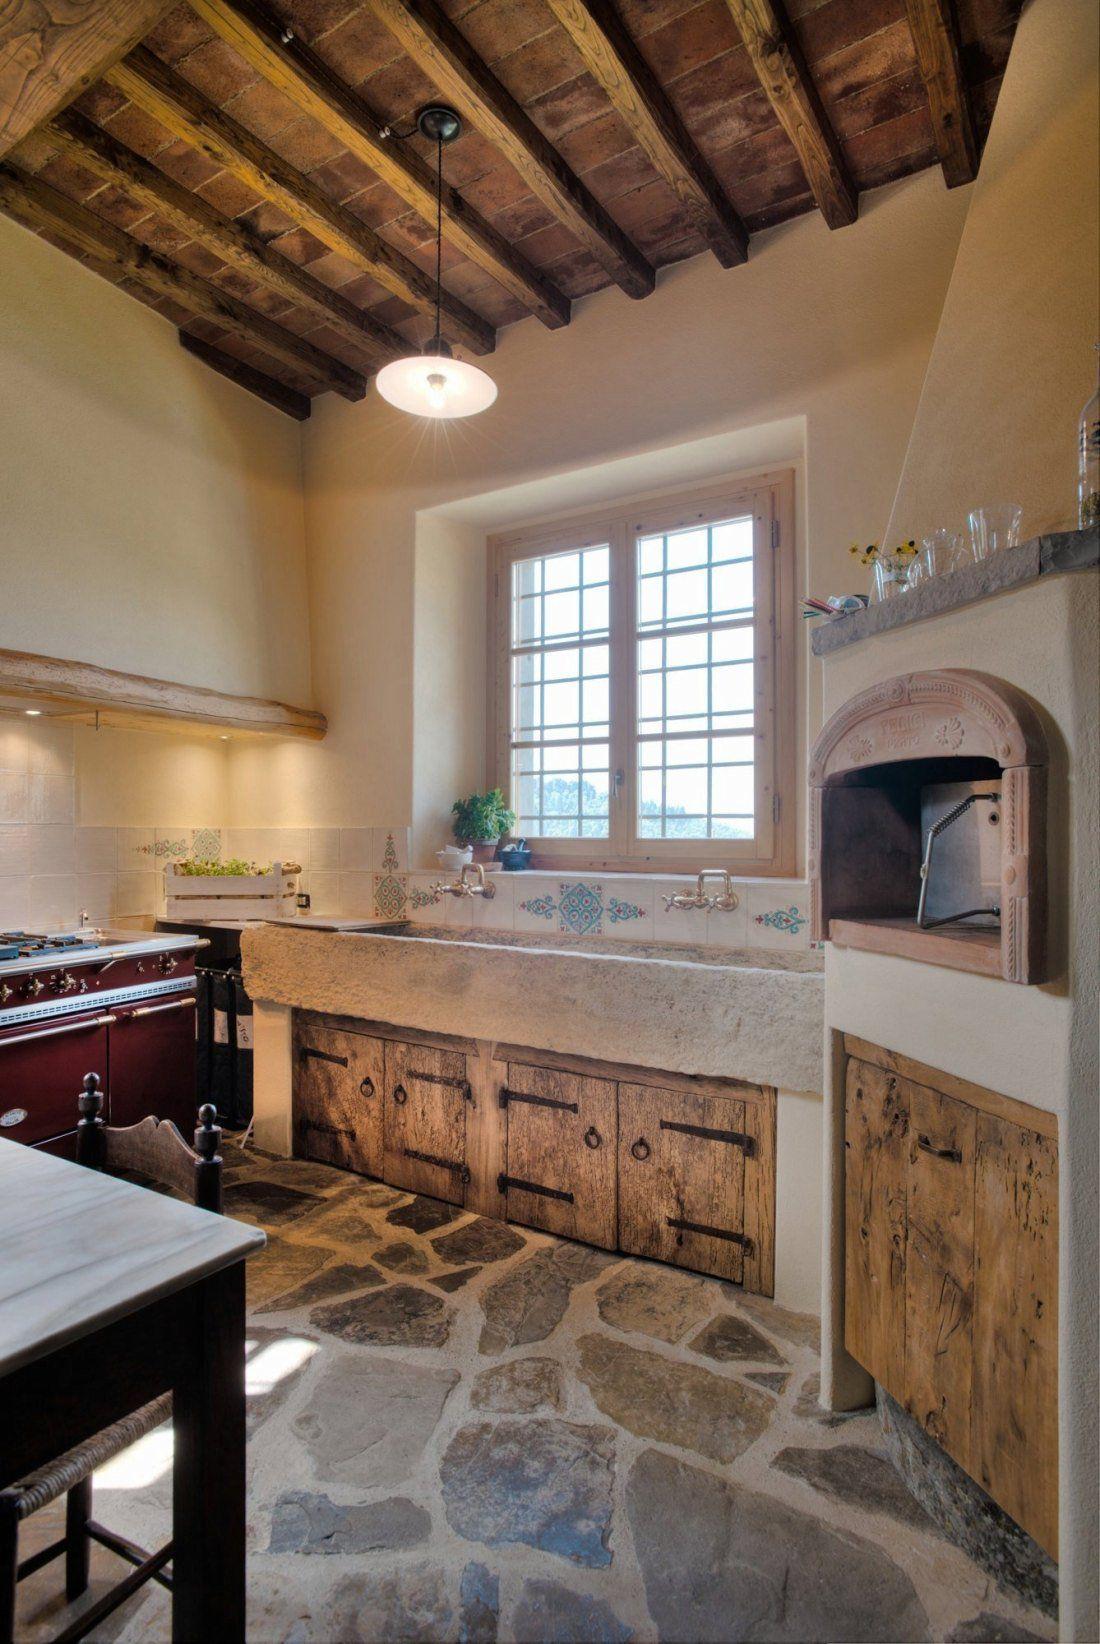 oltre 25 fantastiche idee su case rustiche su pinterest | case ... - Cucine Legno E Ferro